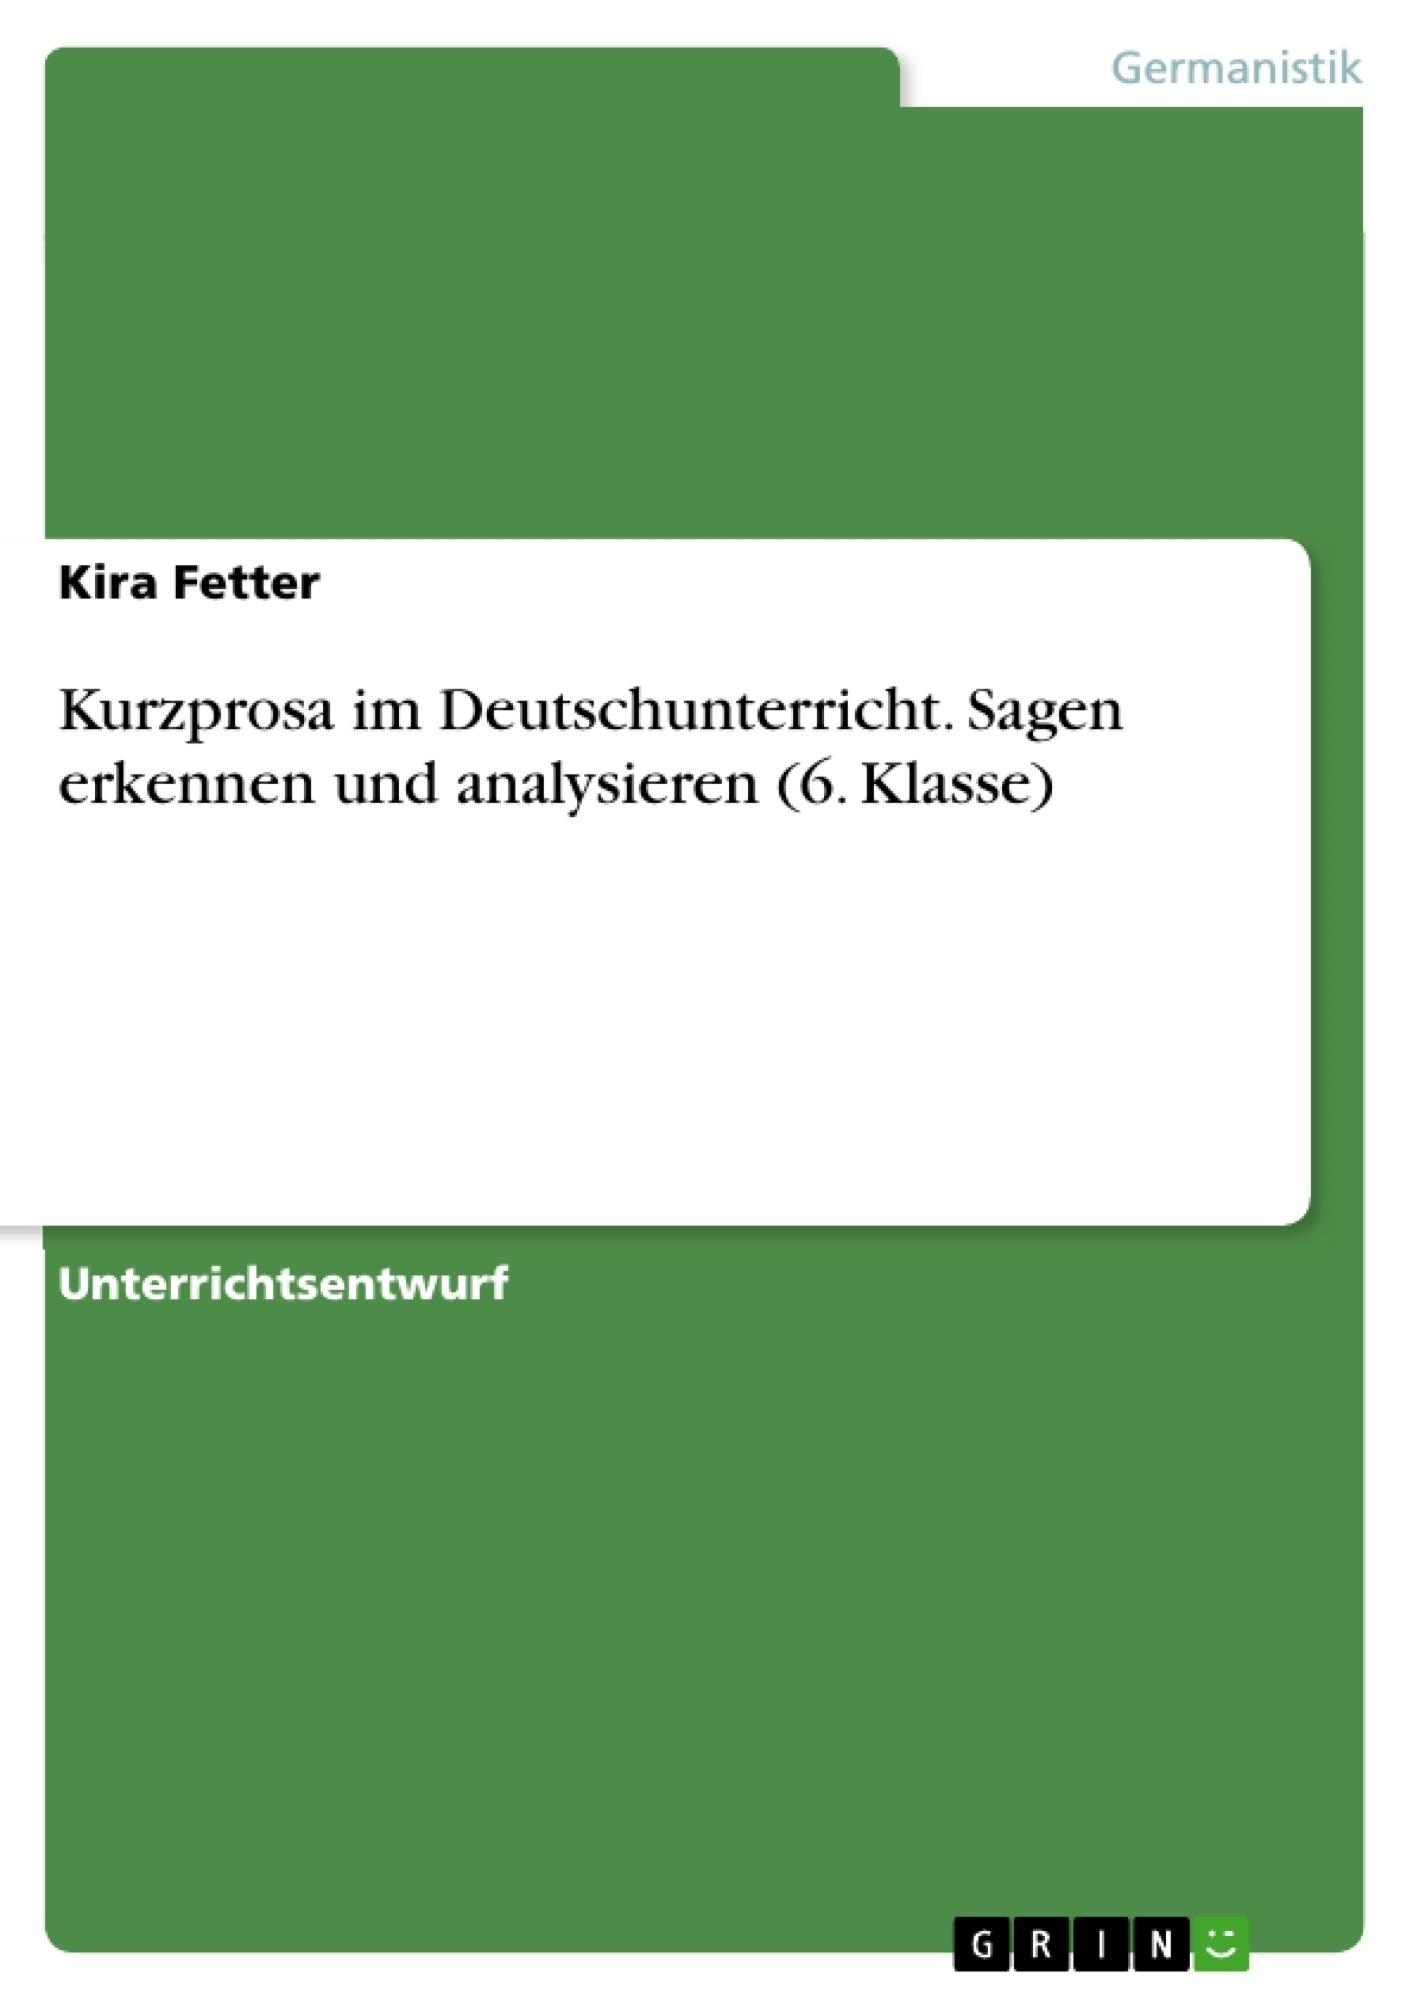 Titel: Kurzprosa im Deutschunterricht. Sagen erkennen und analysieren (6. Klasse)